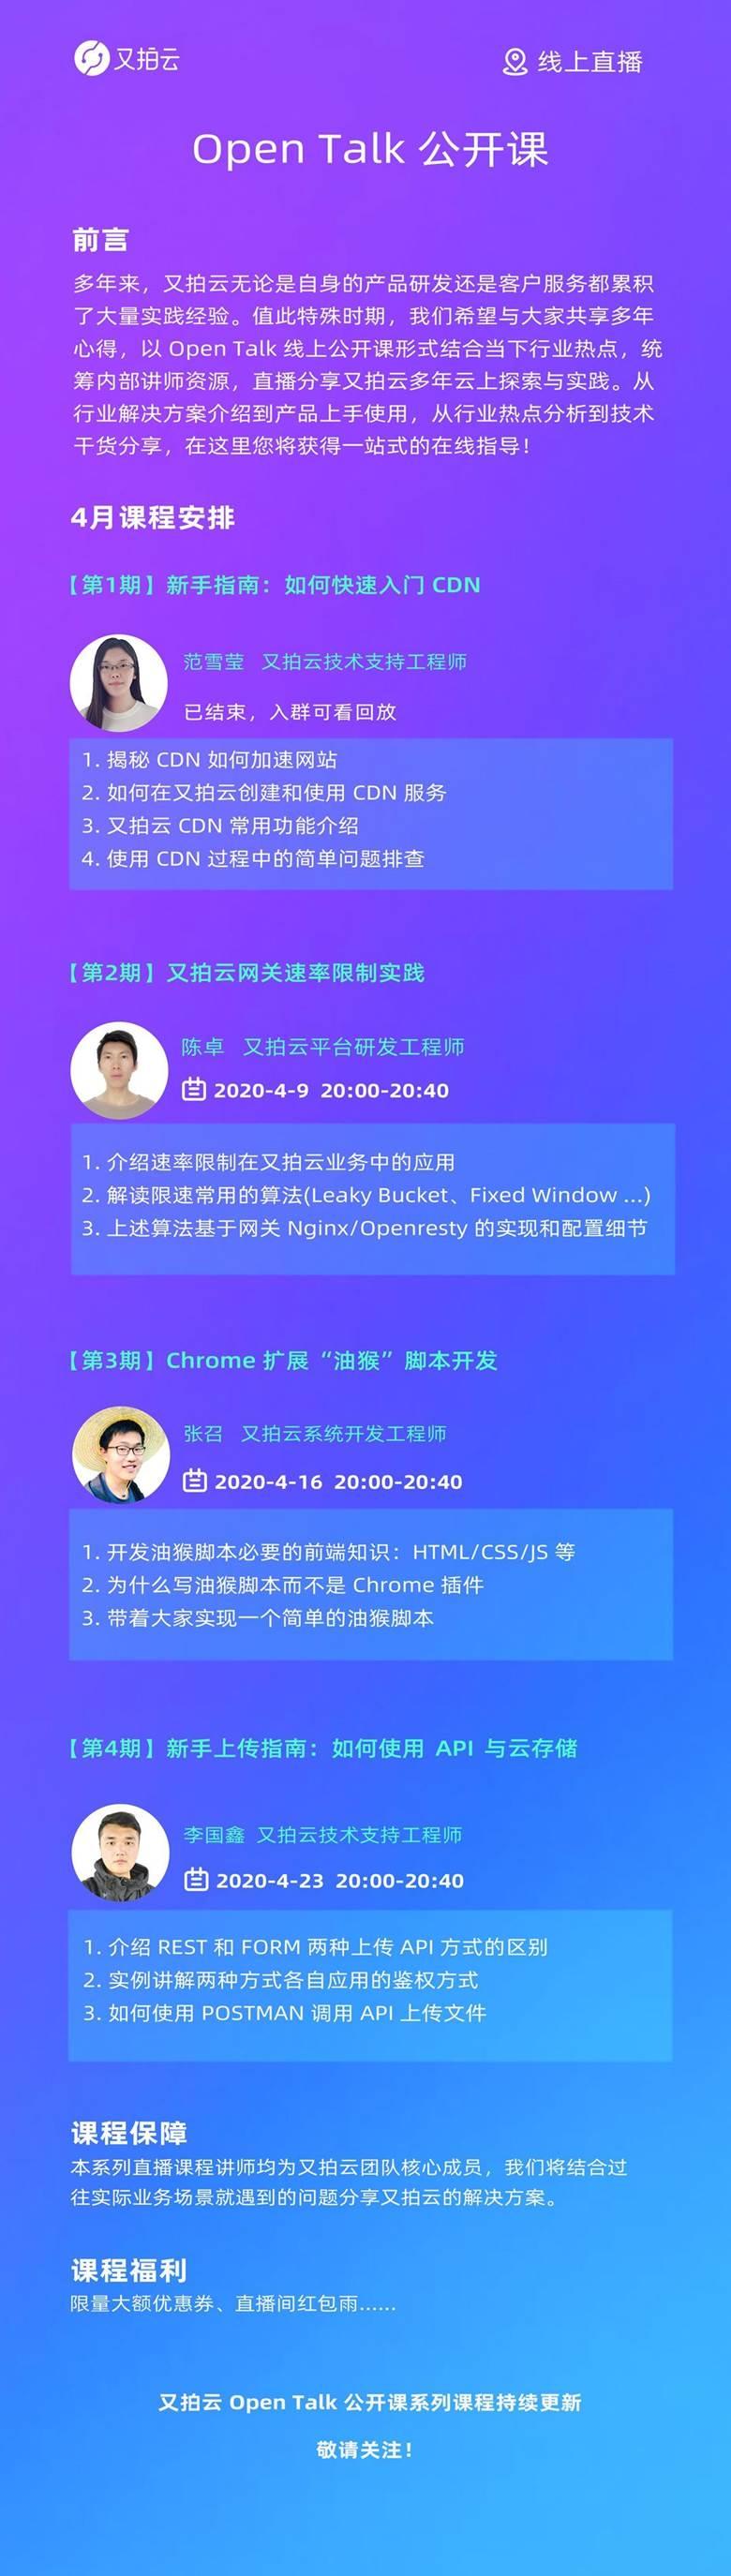 Open Talk 活动.png